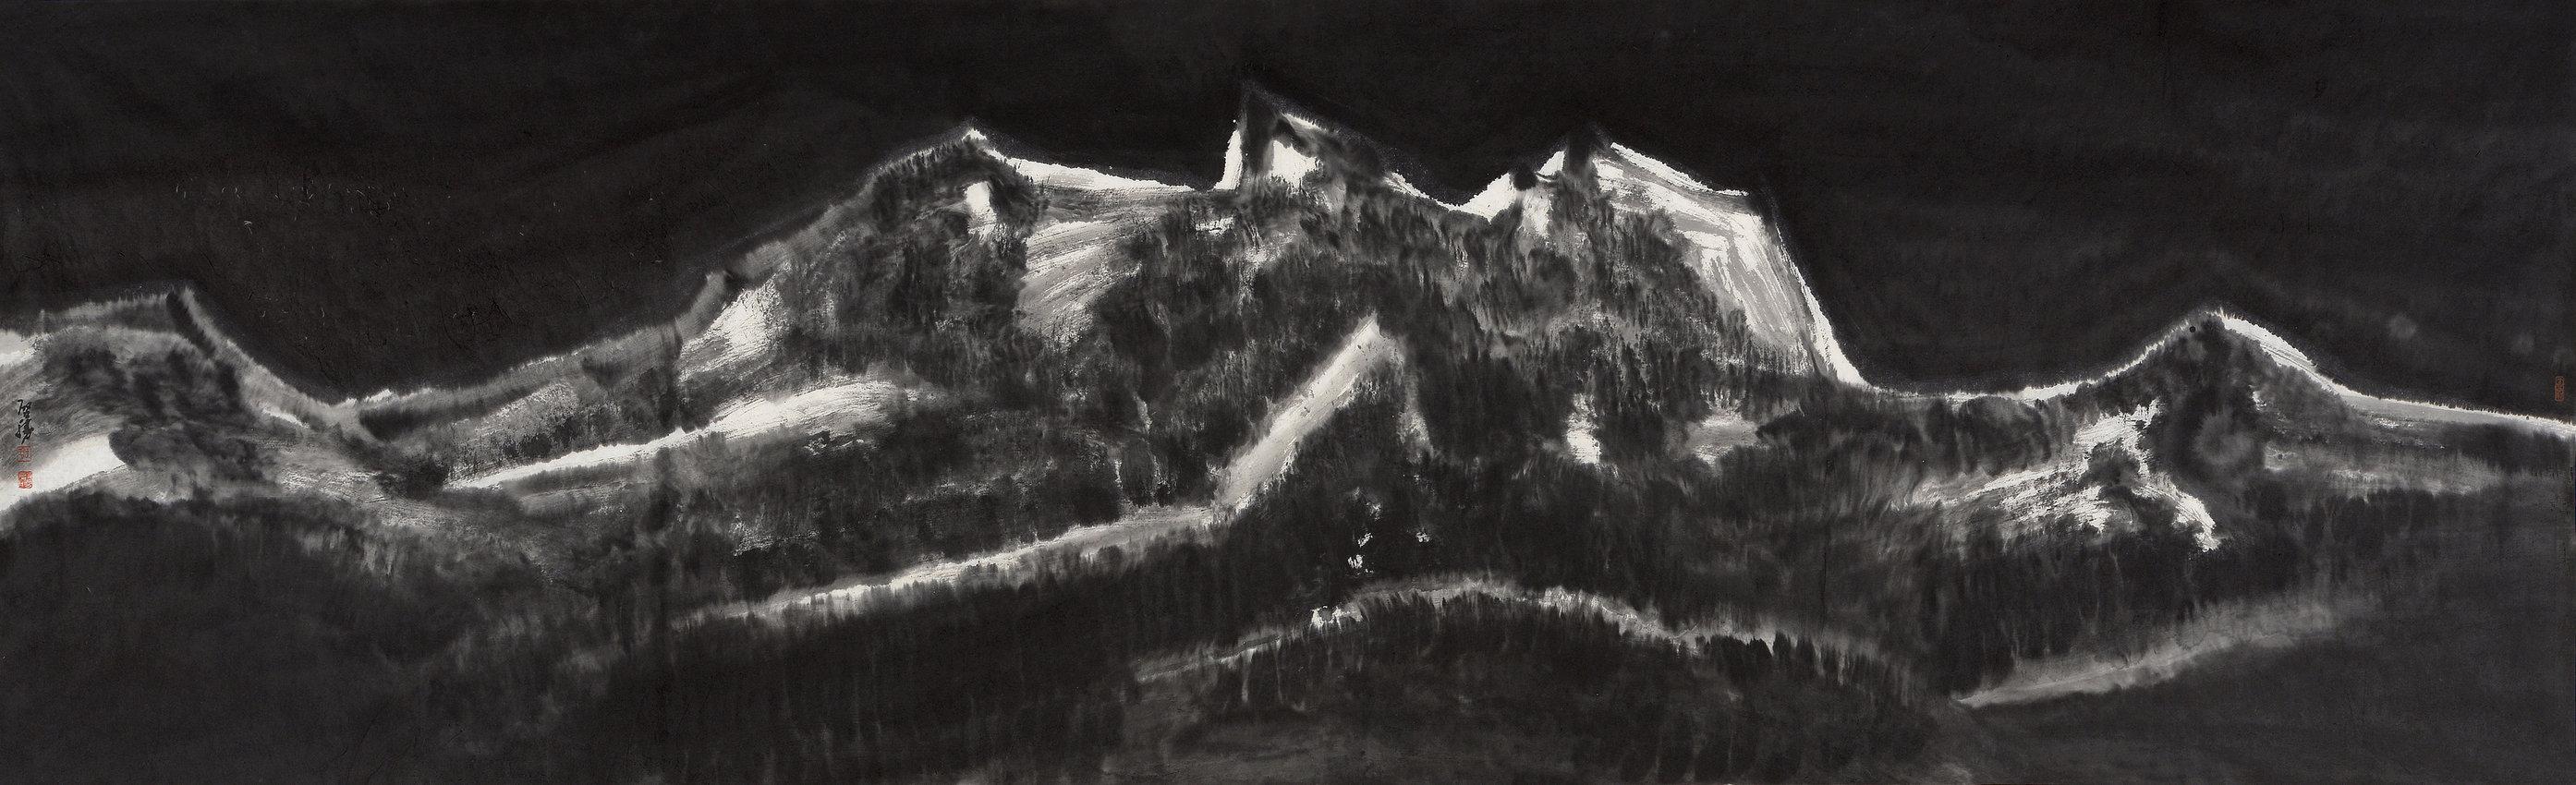 《夜山》65x215cm 意象系列 纸本水墨 2017年